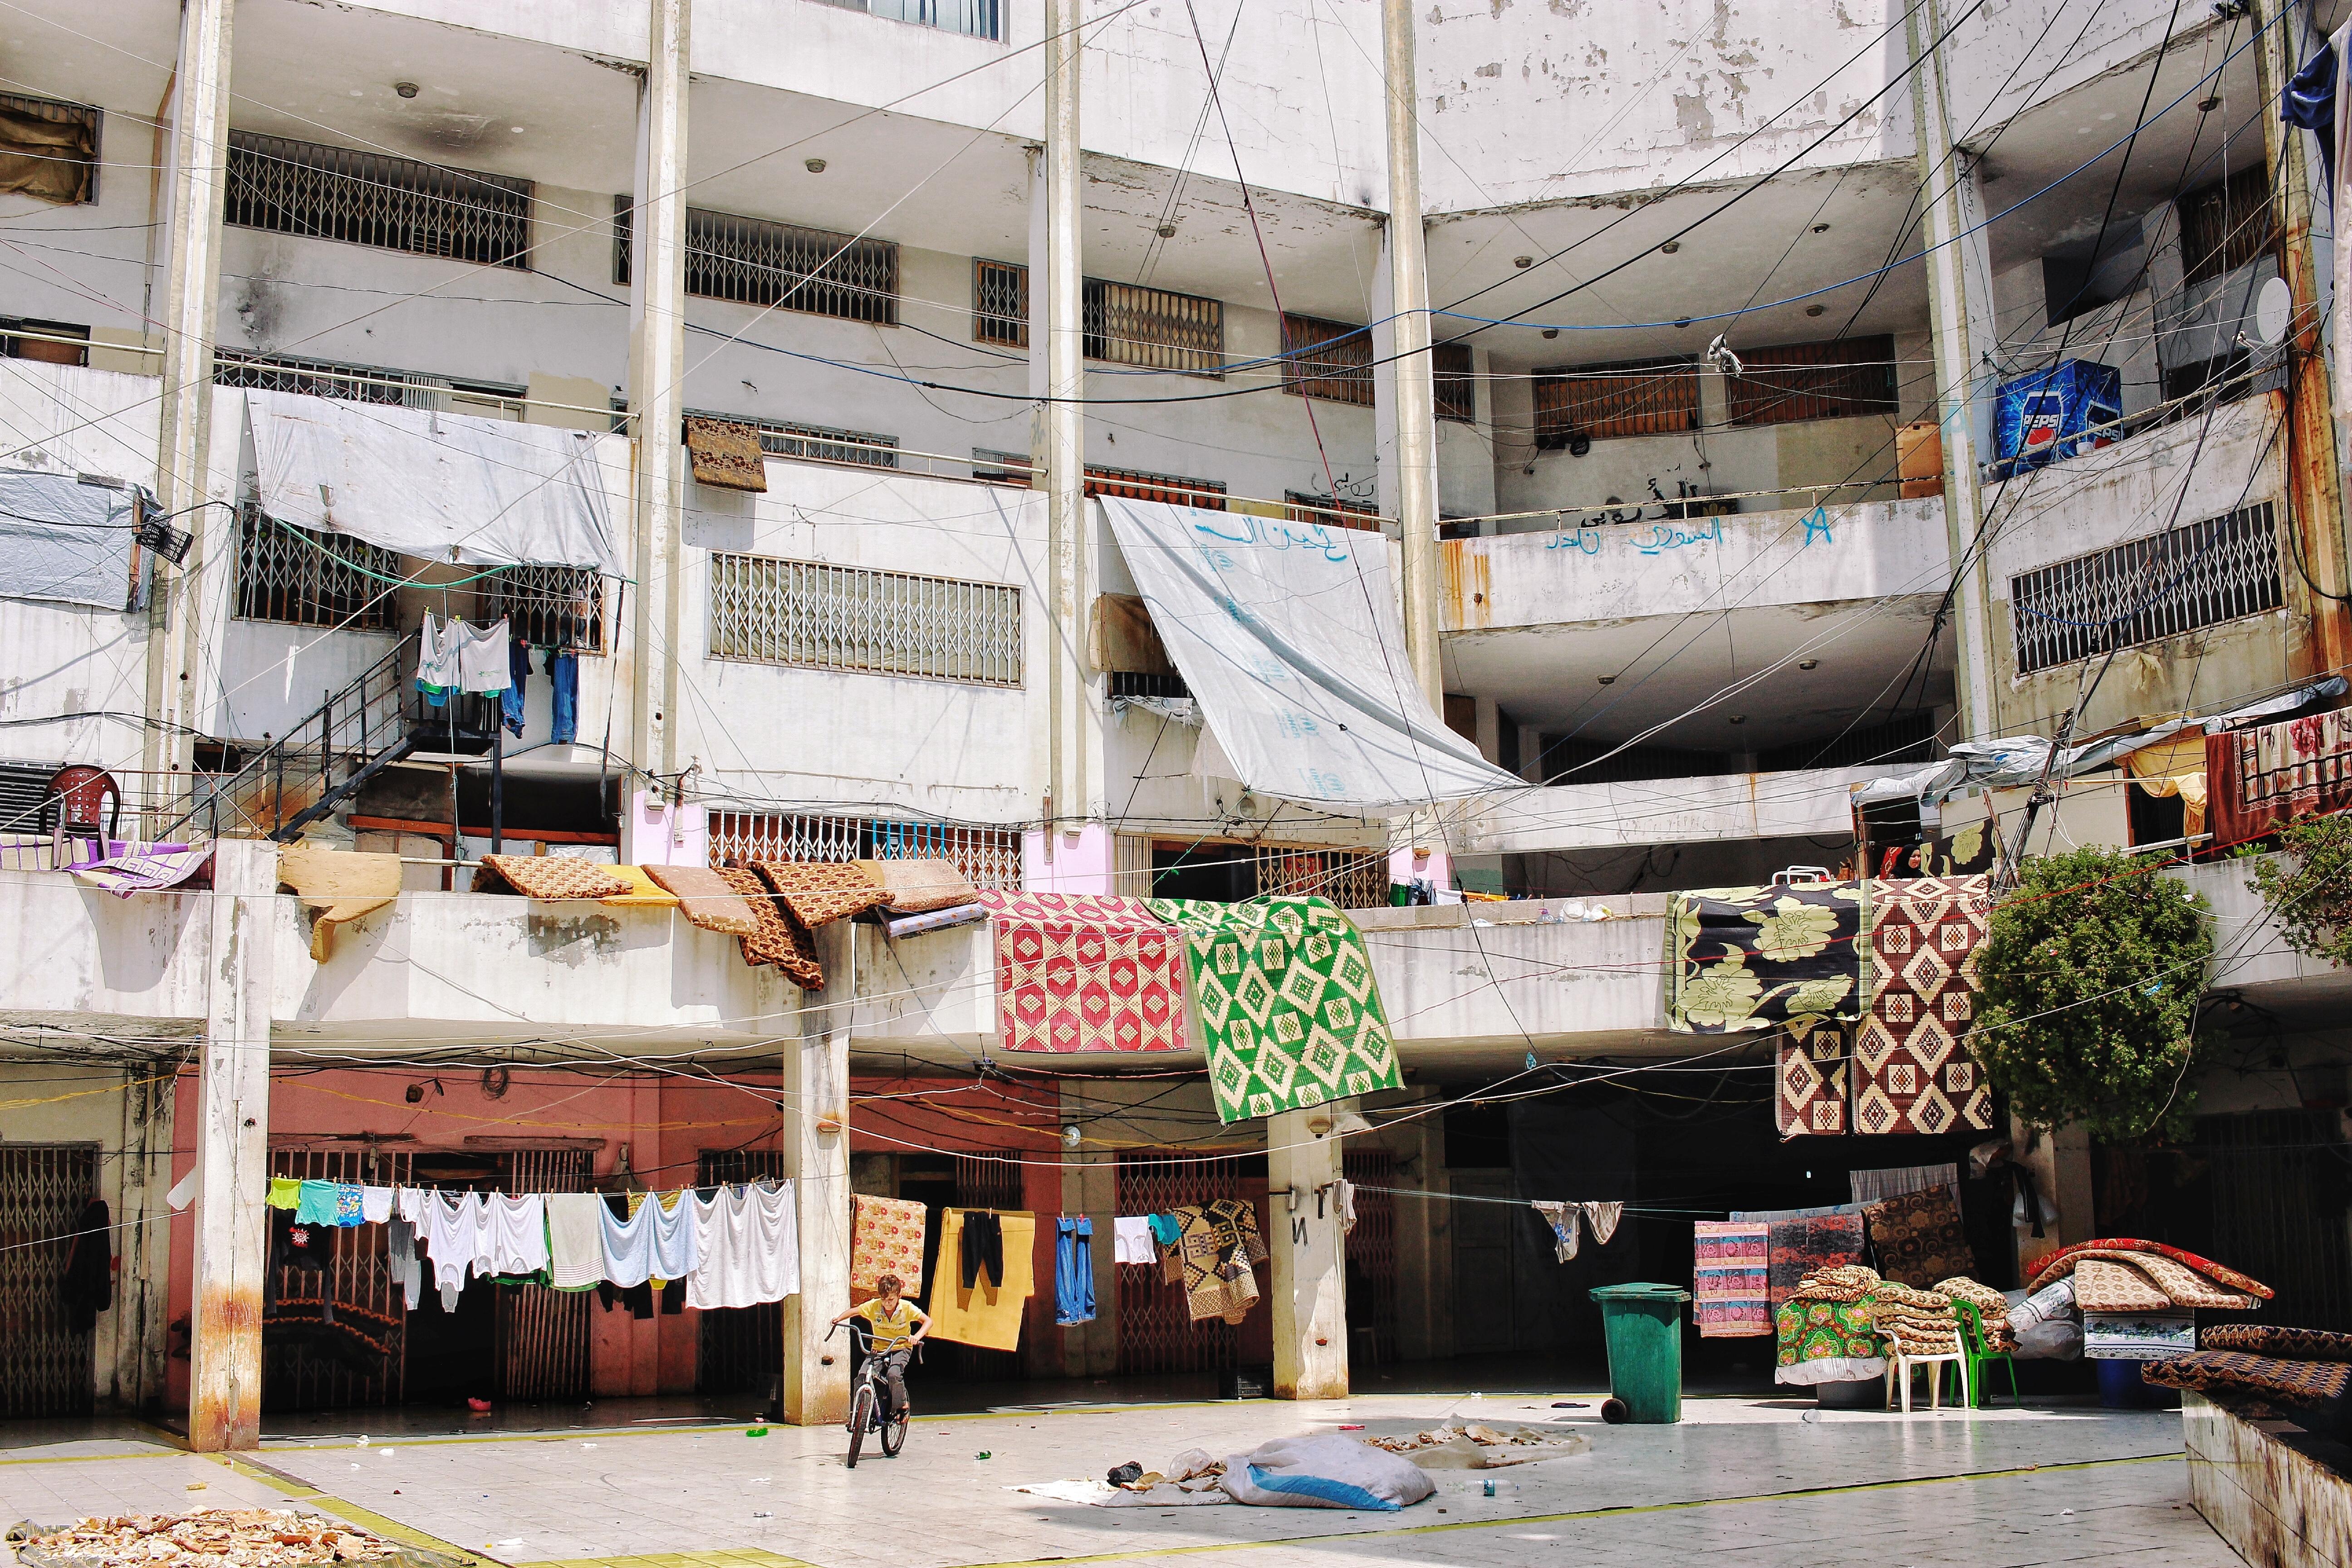 mostra fotografica Beirut calling